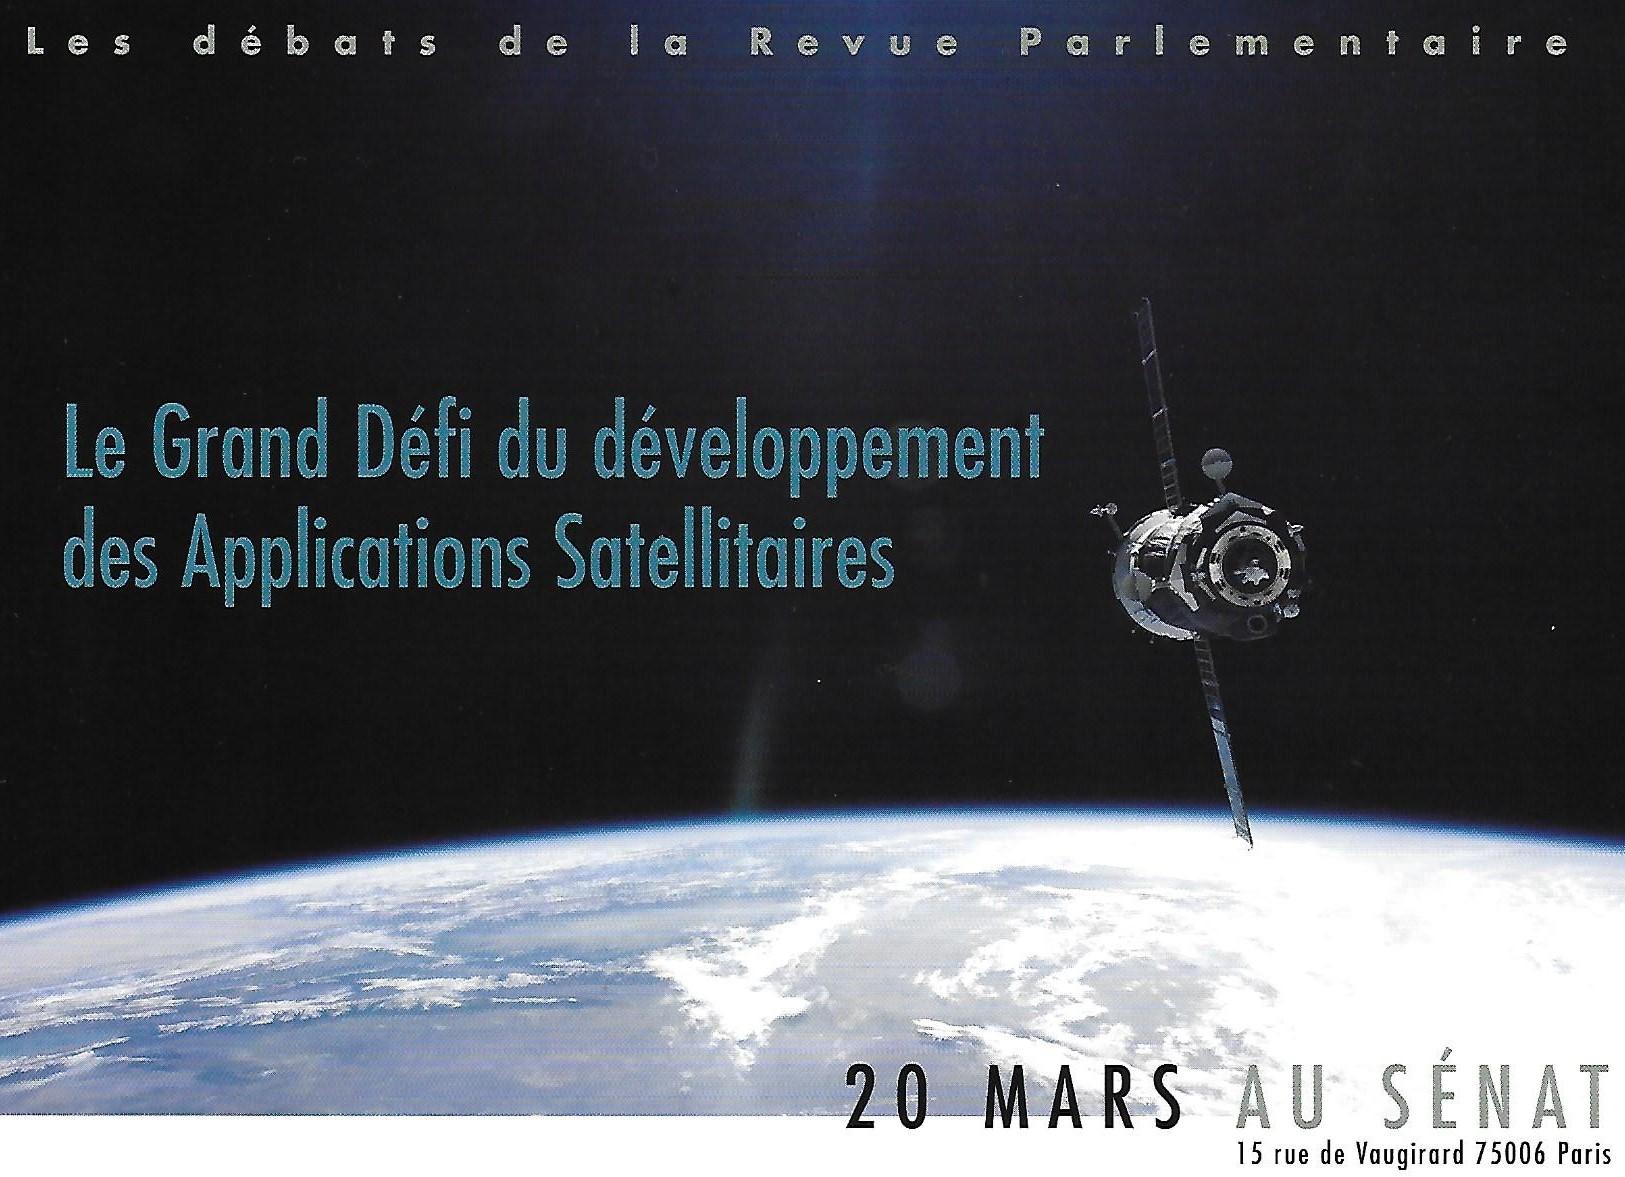 3i3s Partenaire  Les débats de la Revue Parlementaire au Sénat le 20 Mars 2007